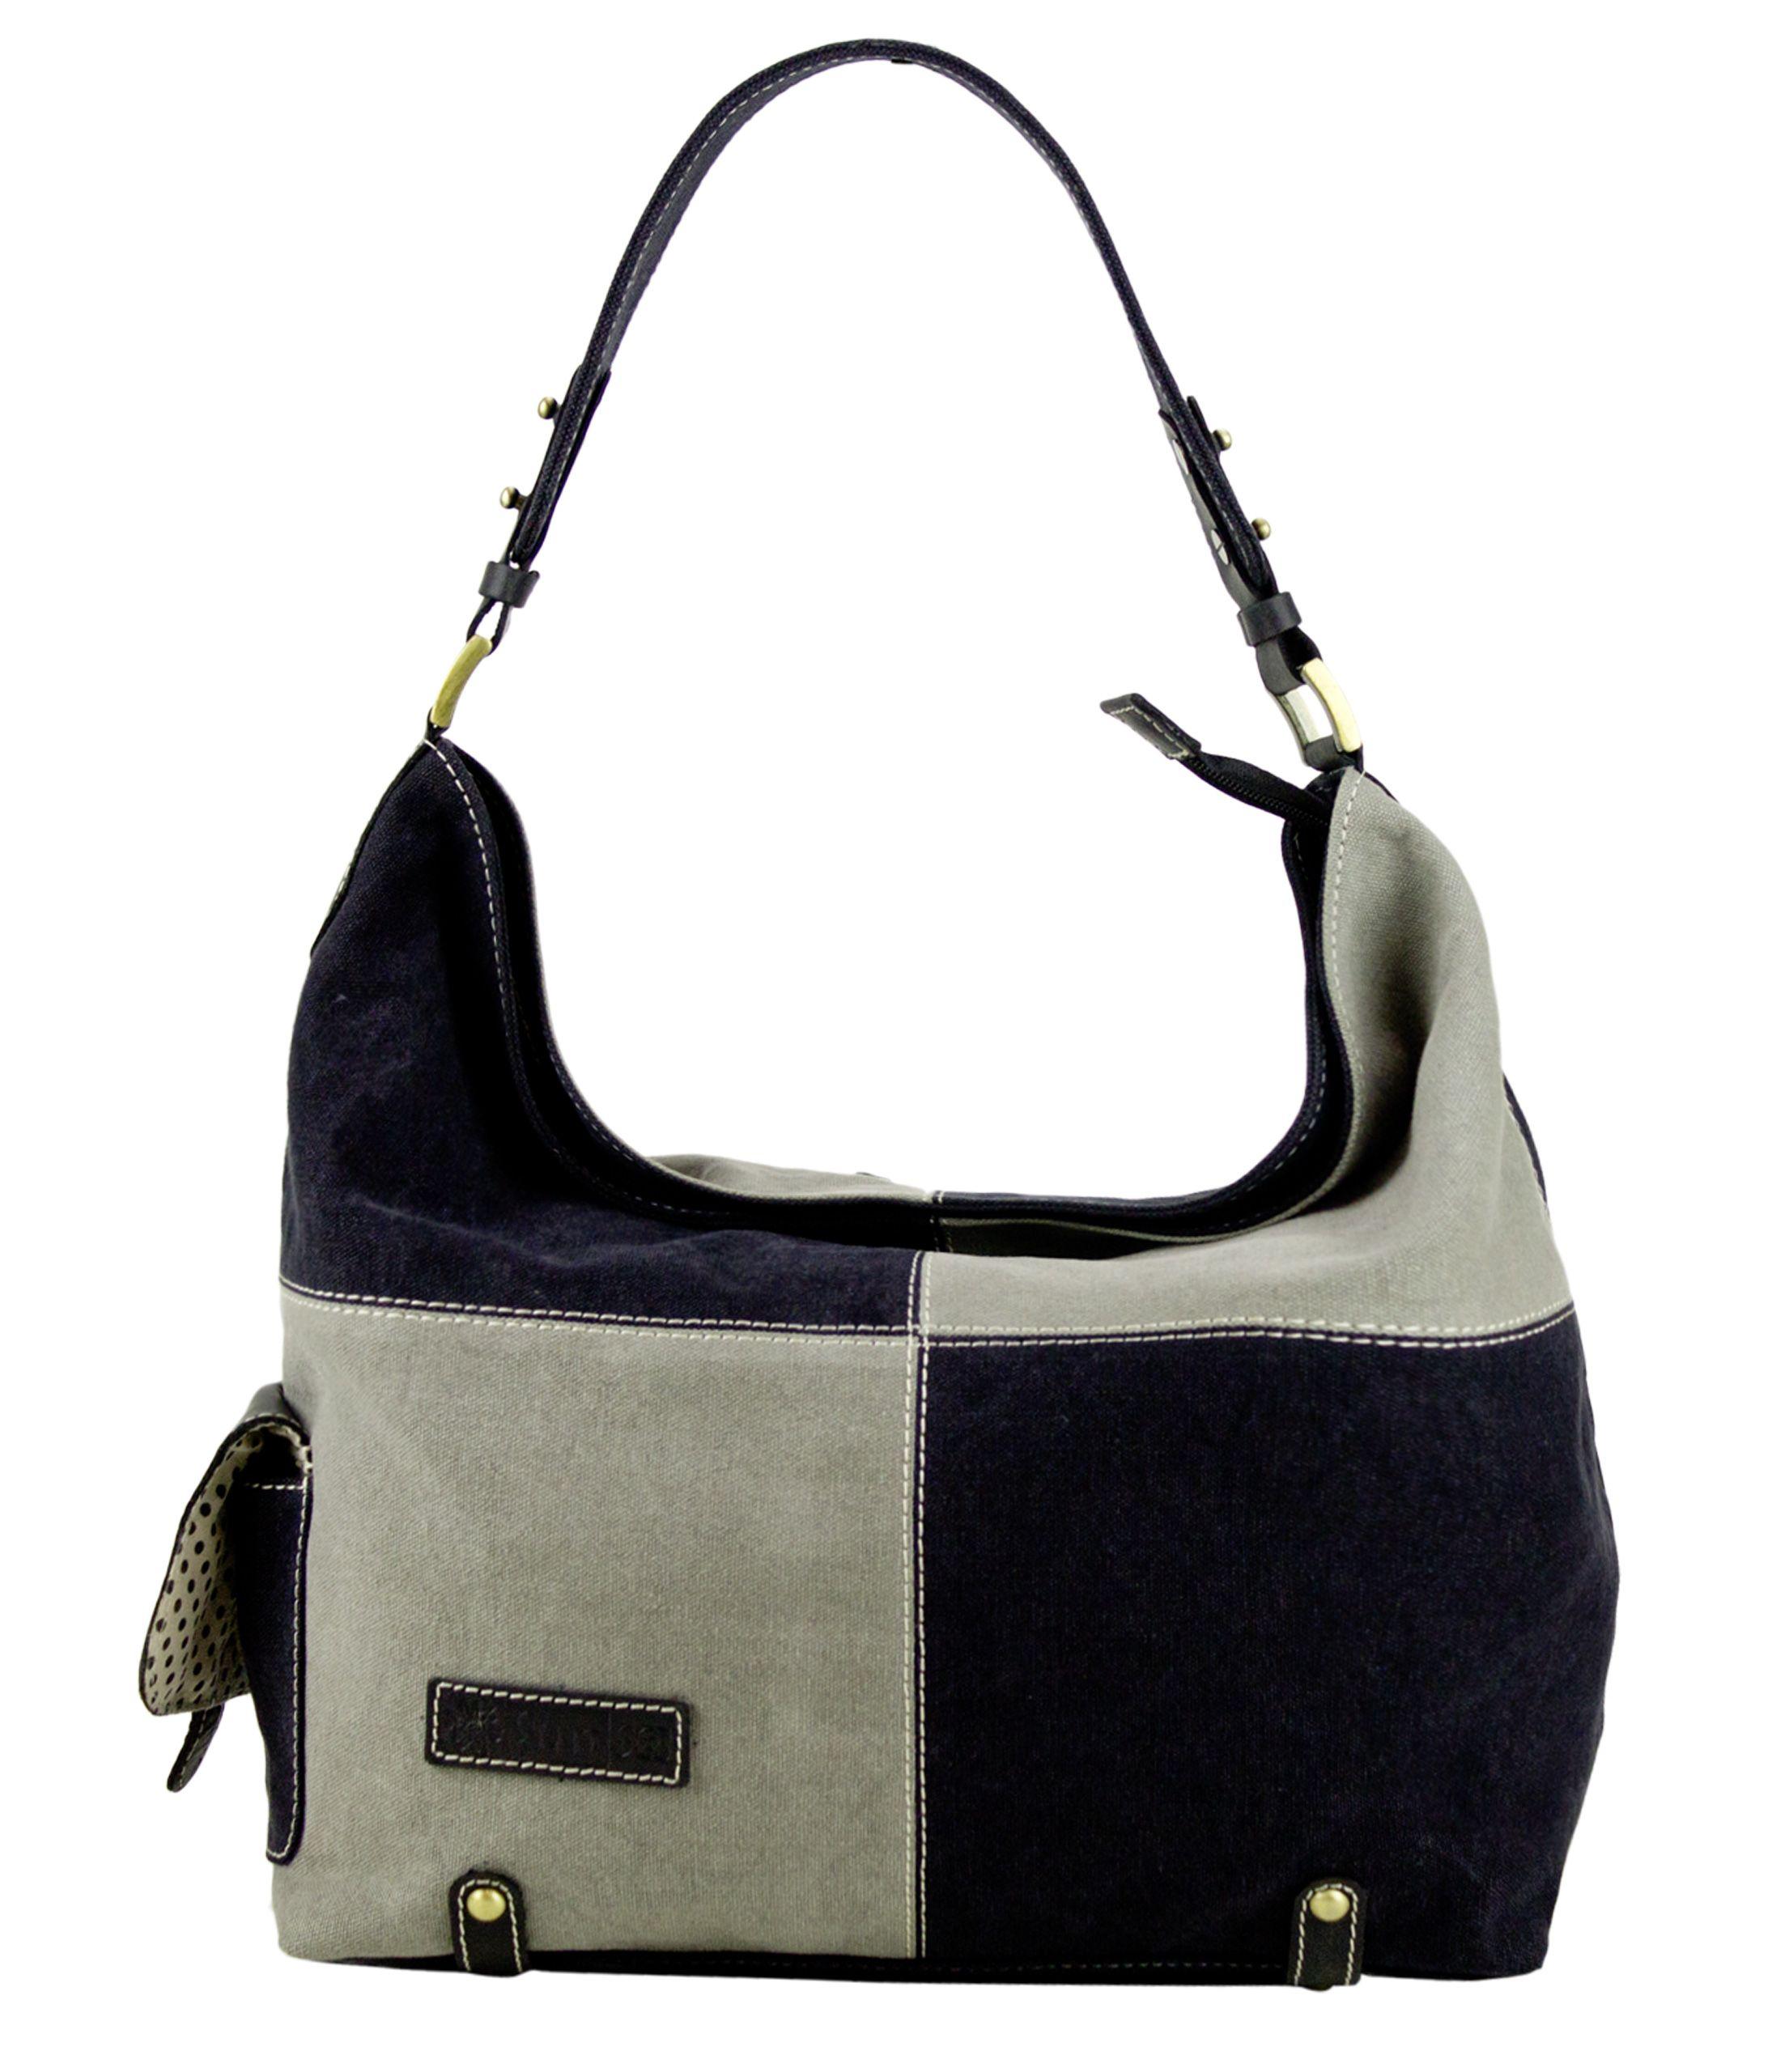 ca8b601ec7a00 Besondere Sunsa Canvas Tasche Handtasche Schultertasche. Jetzt schnell auf  Amazon bestellen!